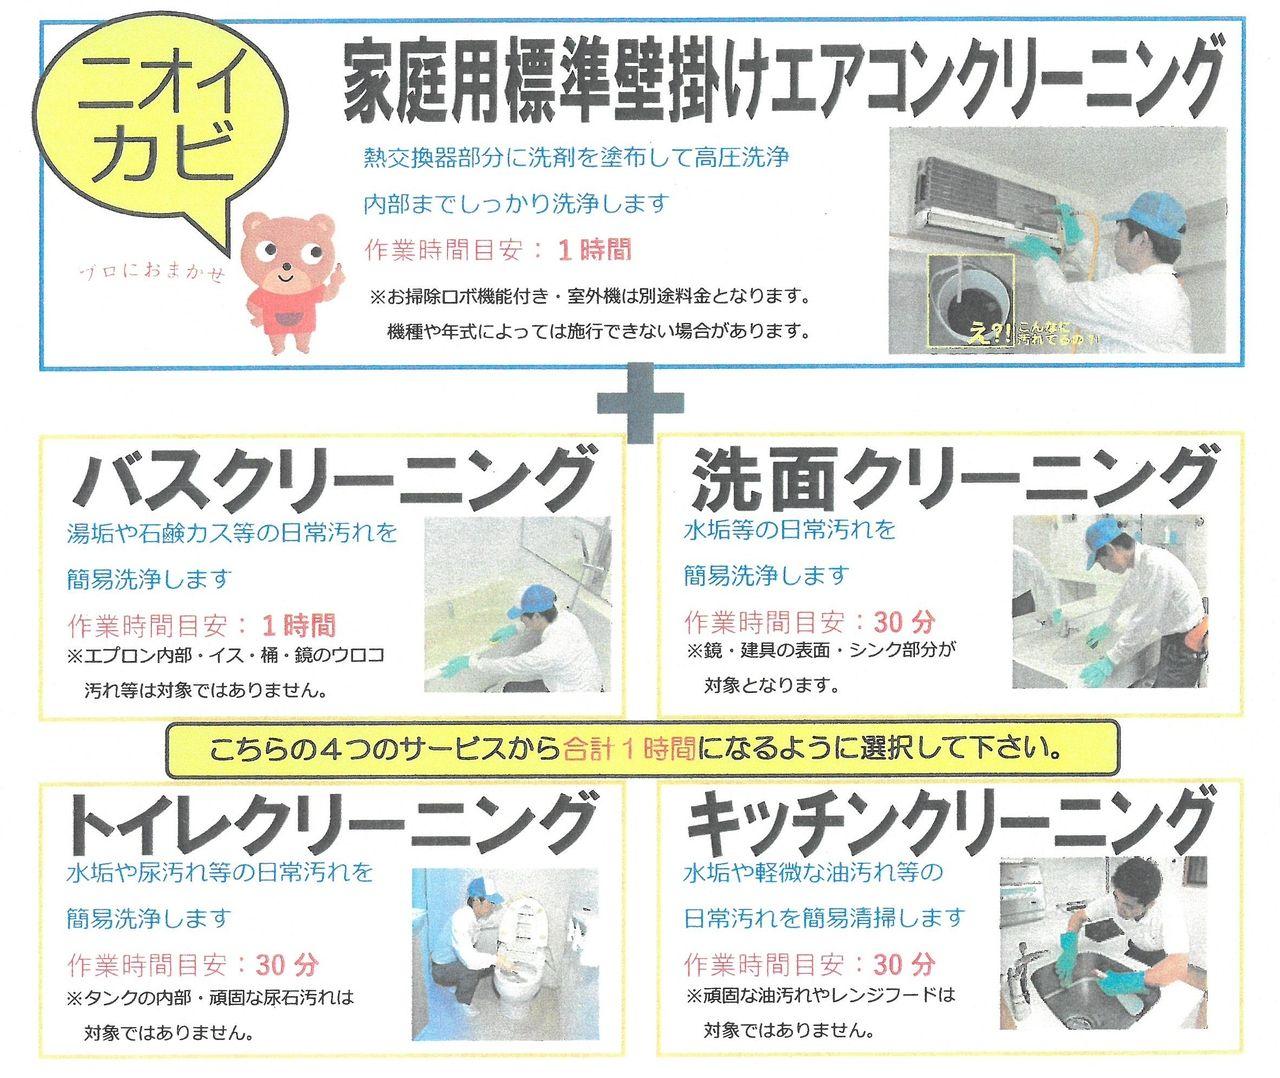 エアコンクリーニングと水まわりの簡易清掃